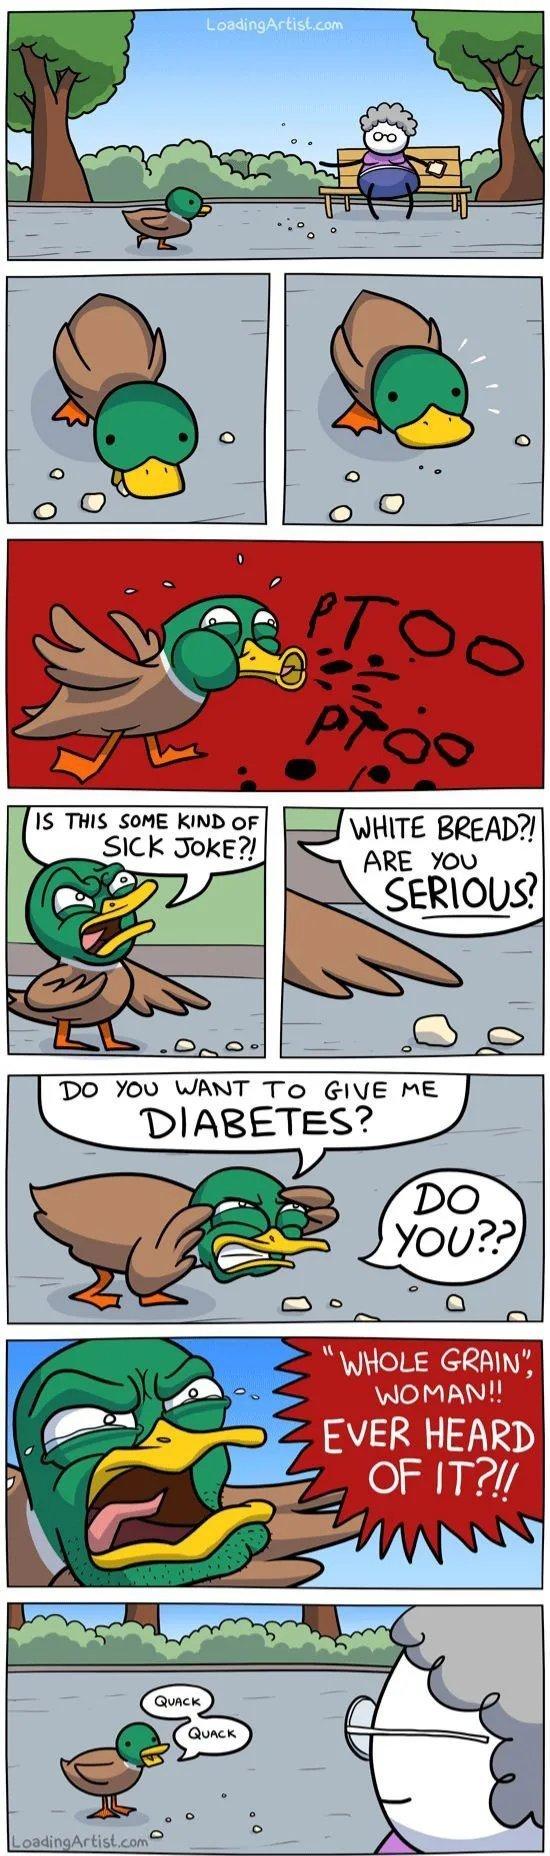 Quack Quack. - meme